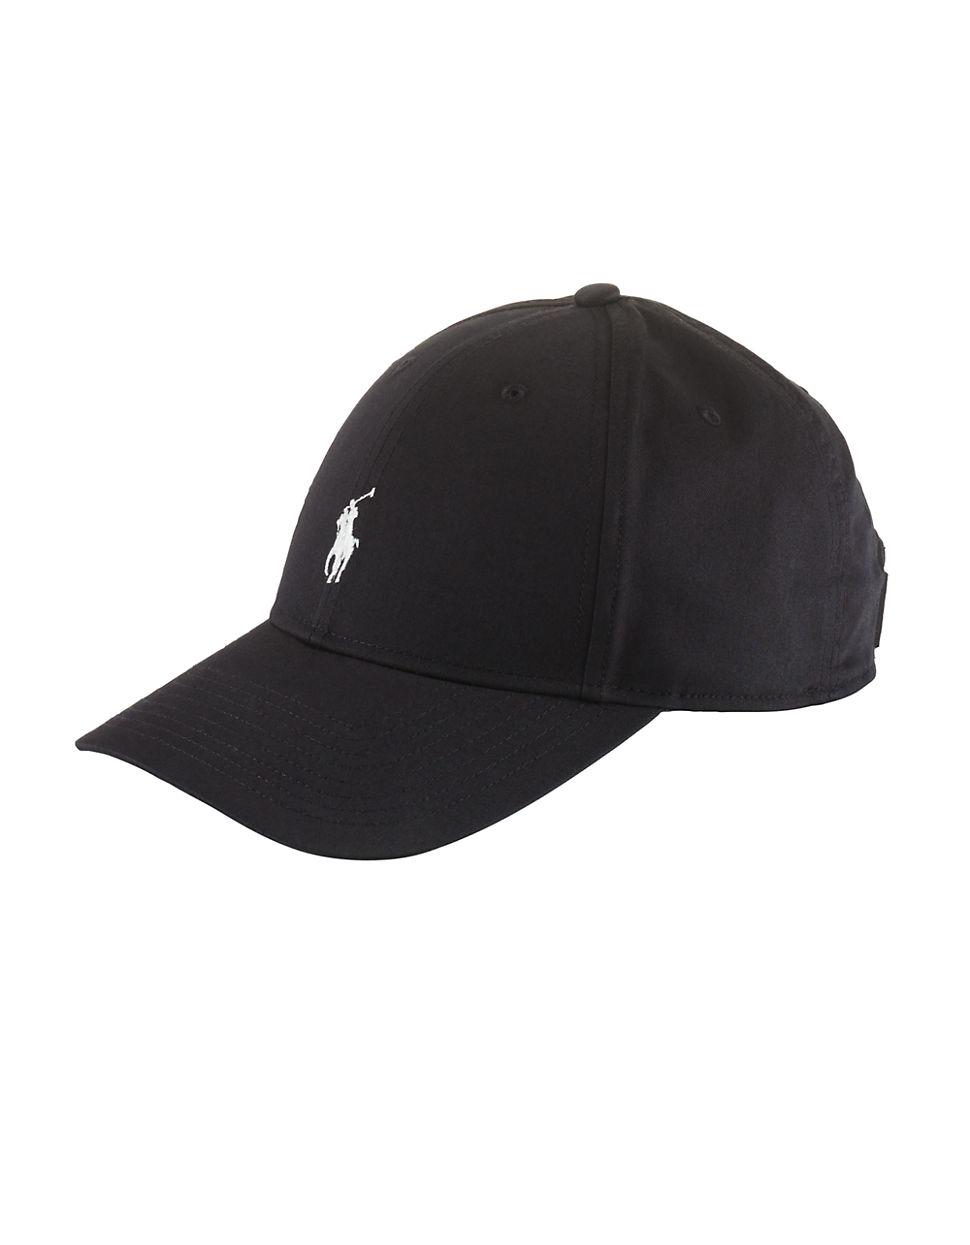 polo ralph lauren baseline hat in black for men polo black. Black Bedroom Furniture Sets. Home Design Ideas